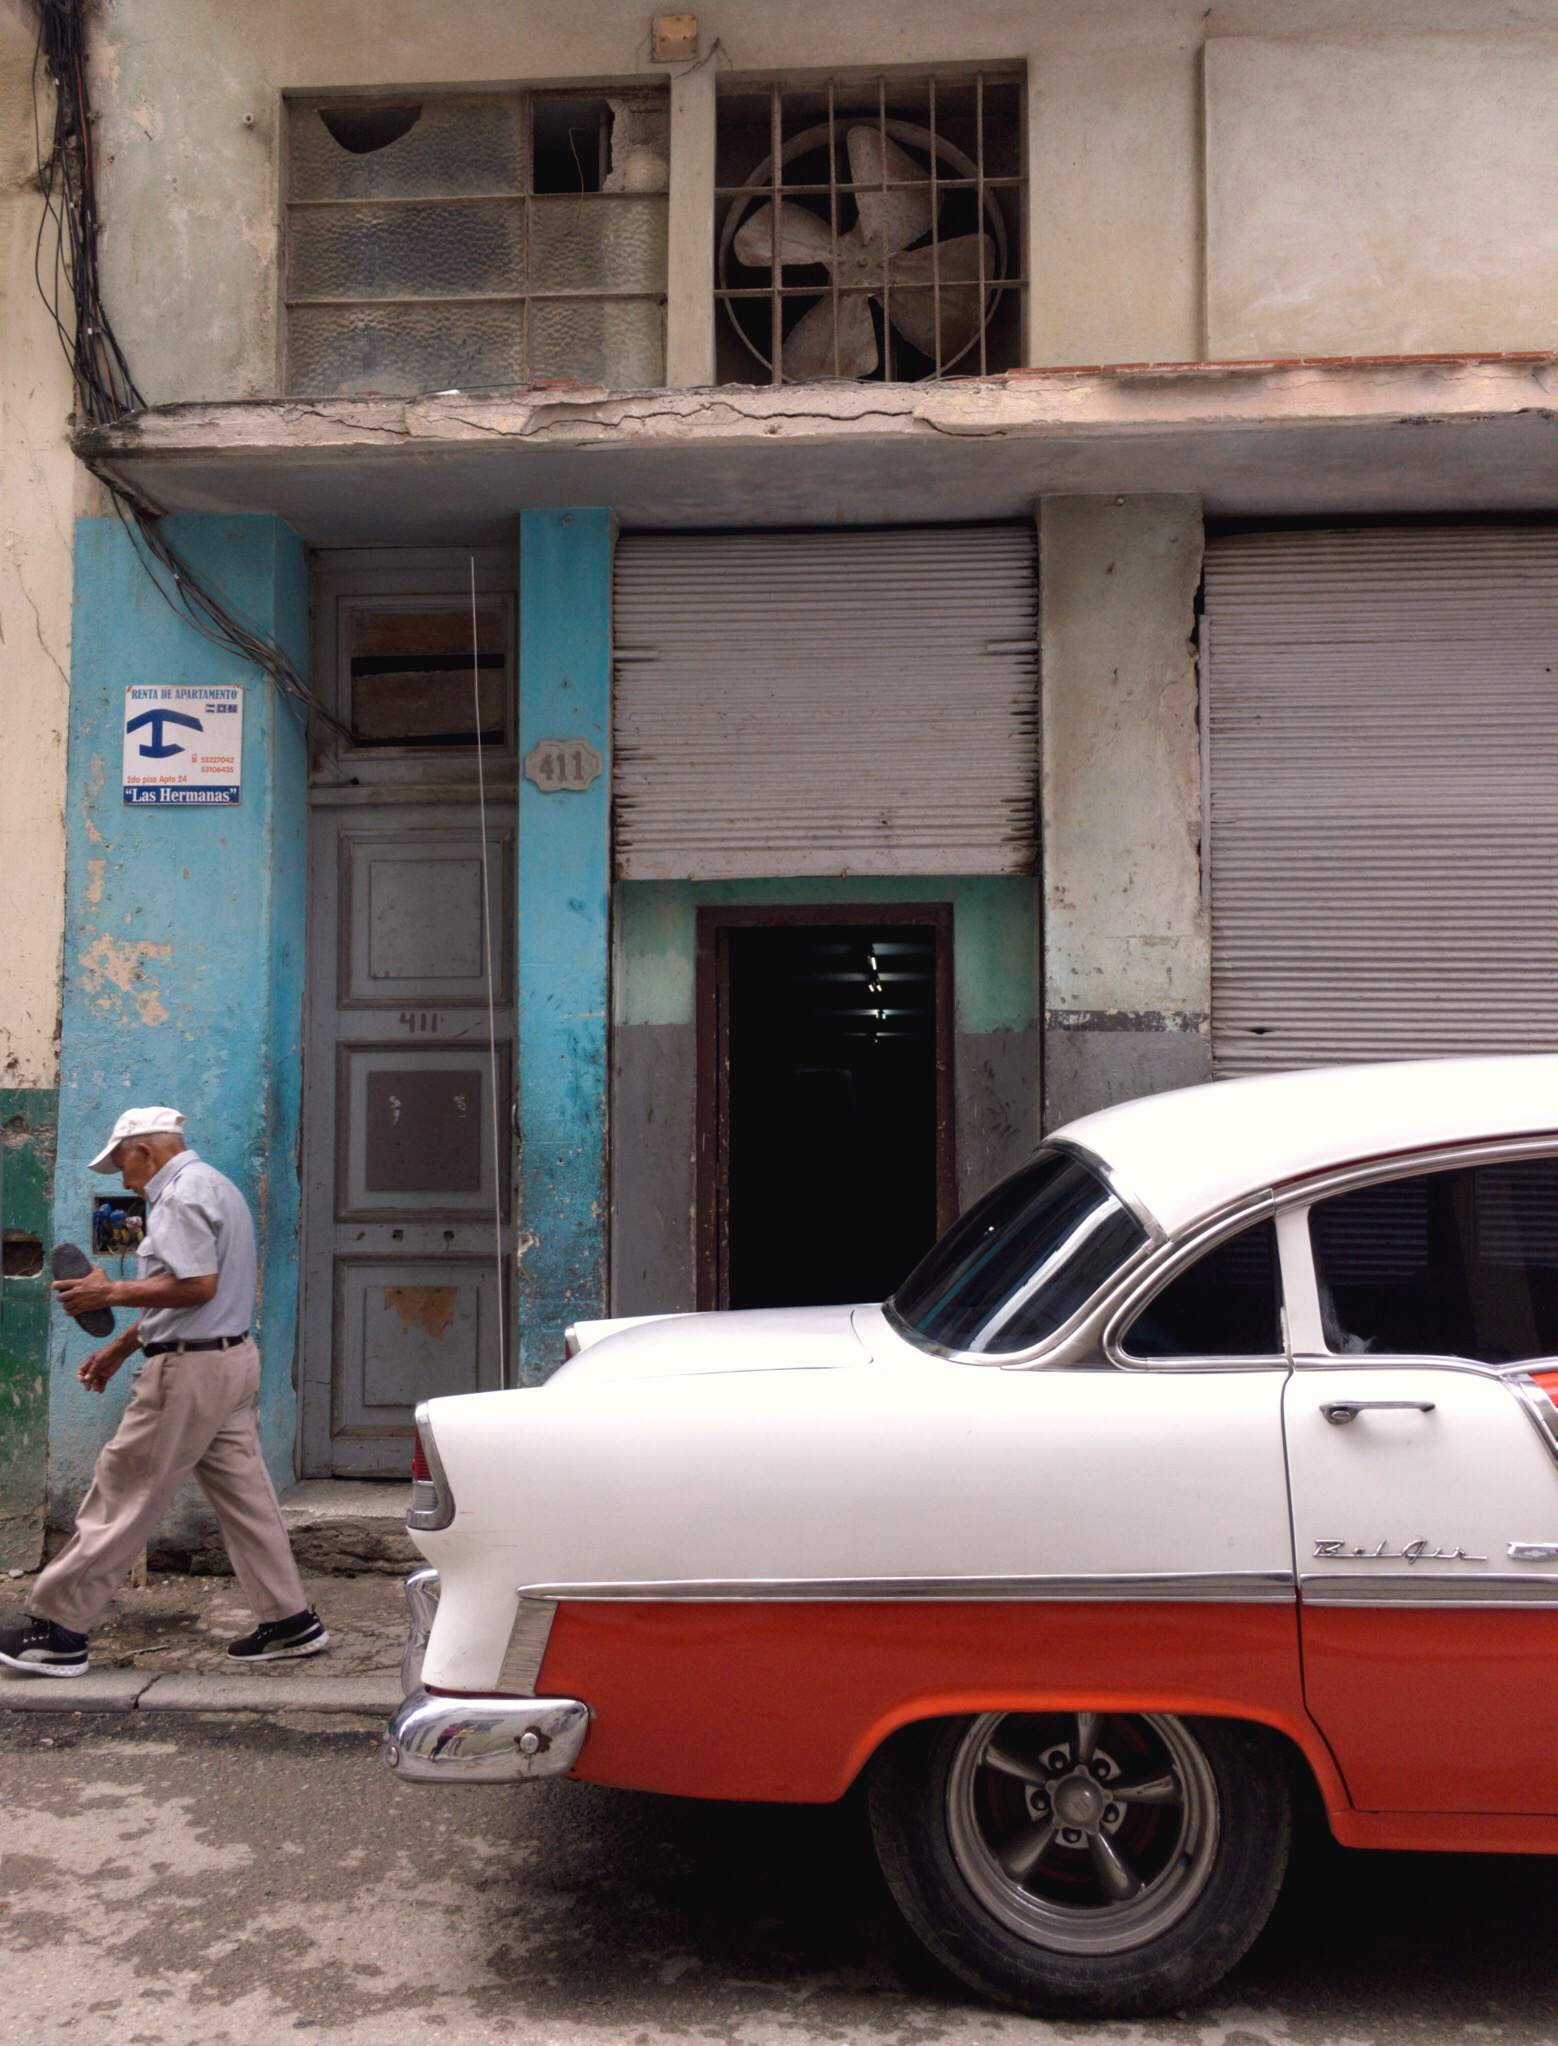 A classic car in Havana, Cuba